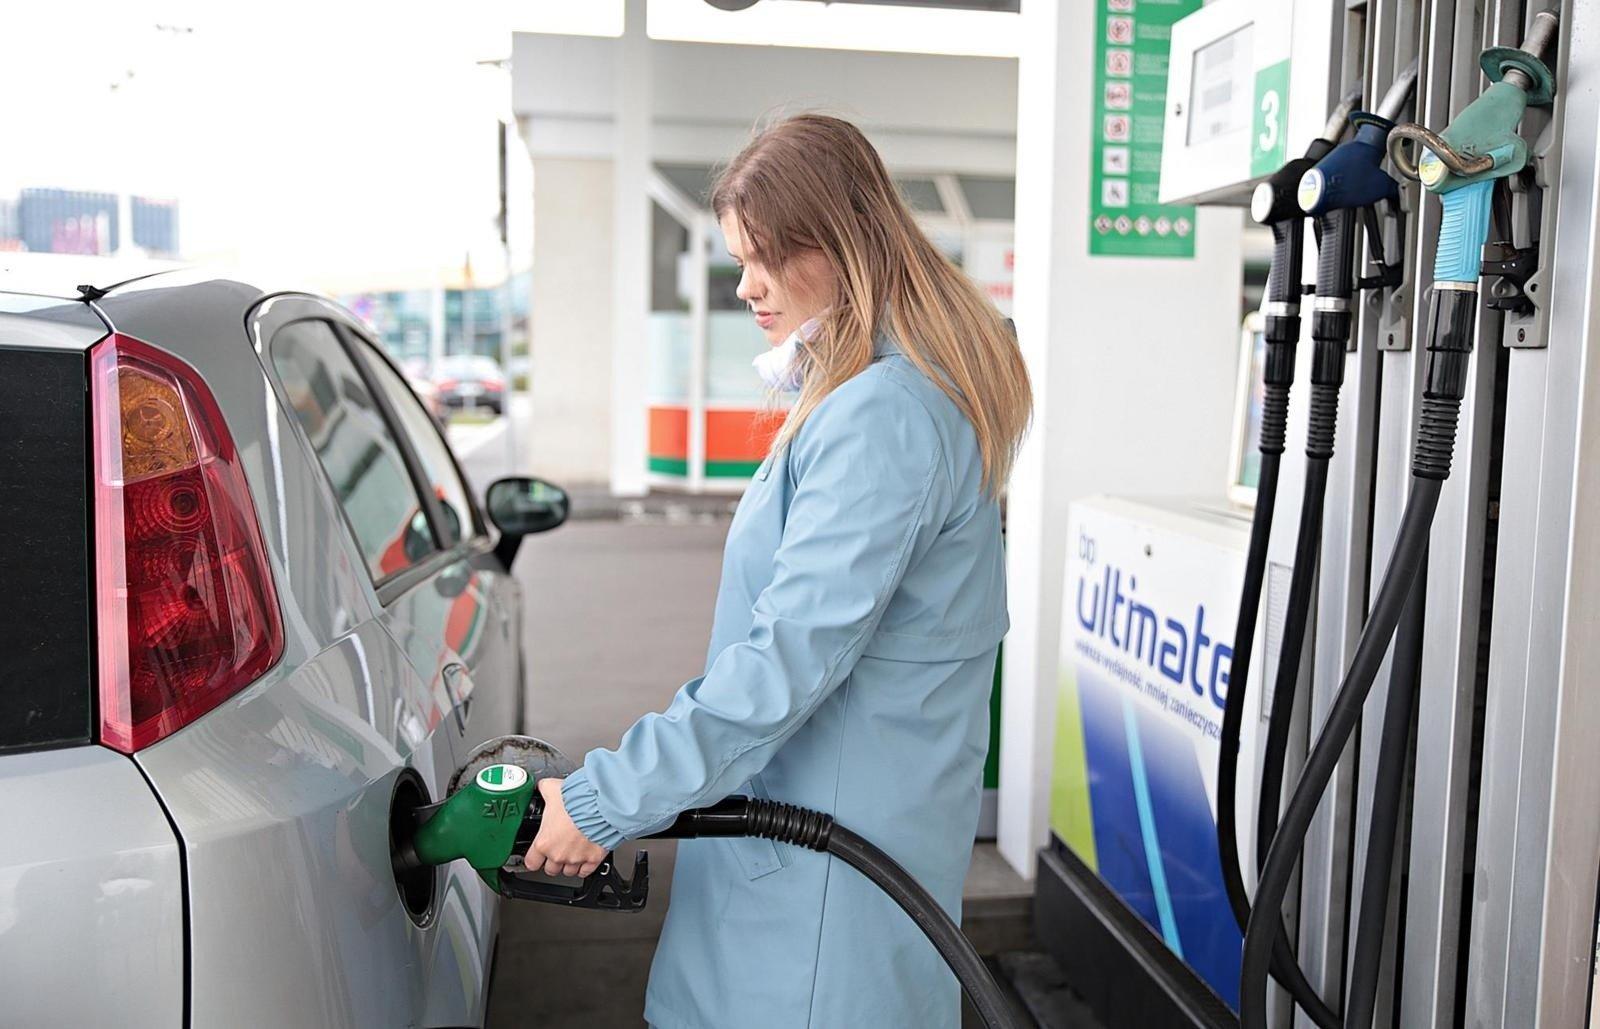 eecda7a9662fb4 Droższe wakacje, bo droga benzyna. Za paliwo płacimy więcej niż ...